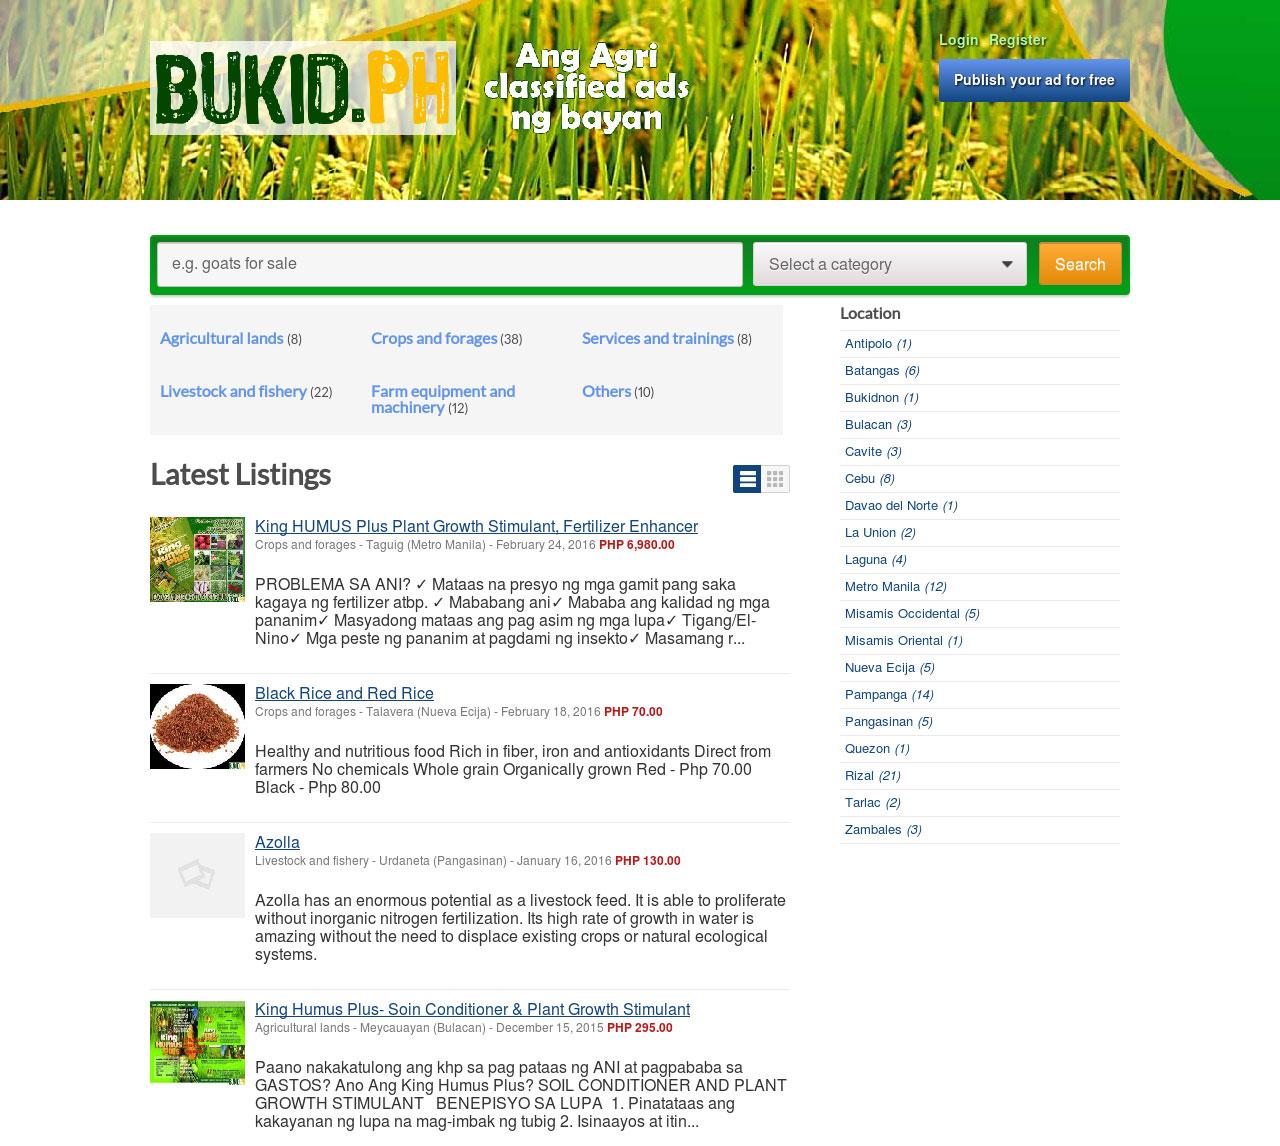 Bukid.ph Ang agri classified ads ng bayan